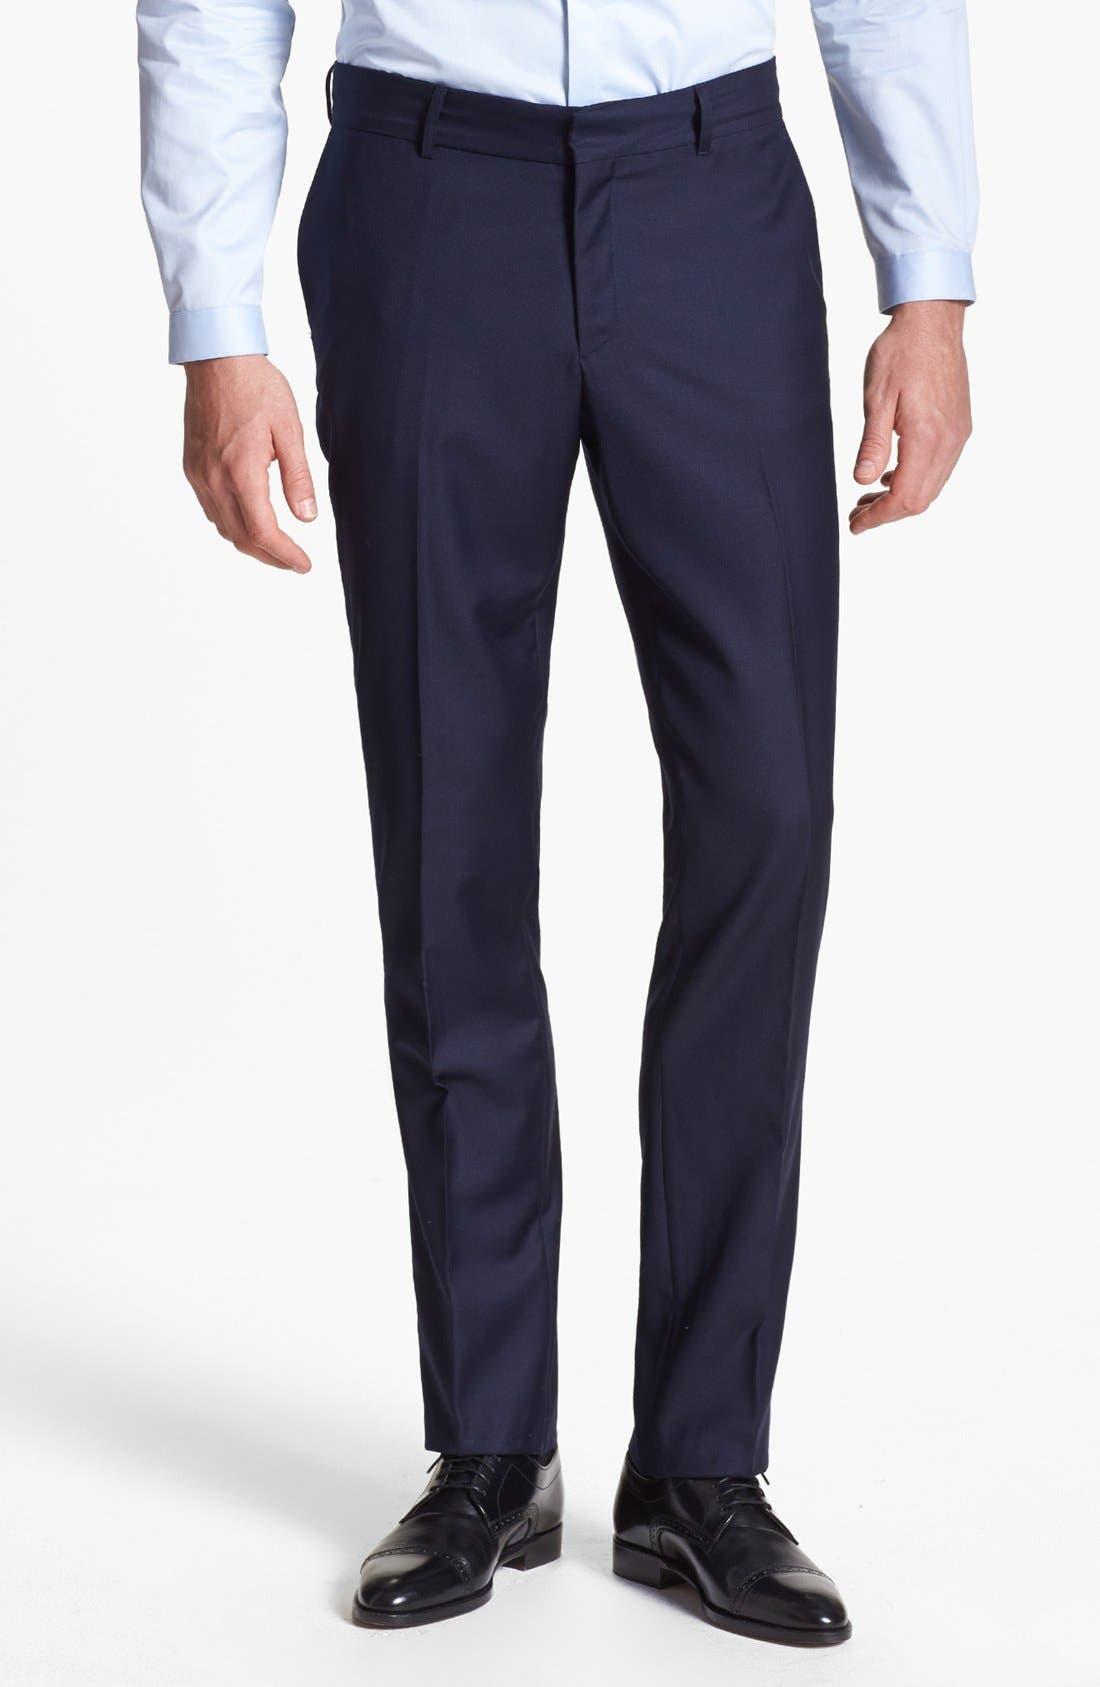 Main Image - The Kooples Slim Fit Navy Wool Trousers